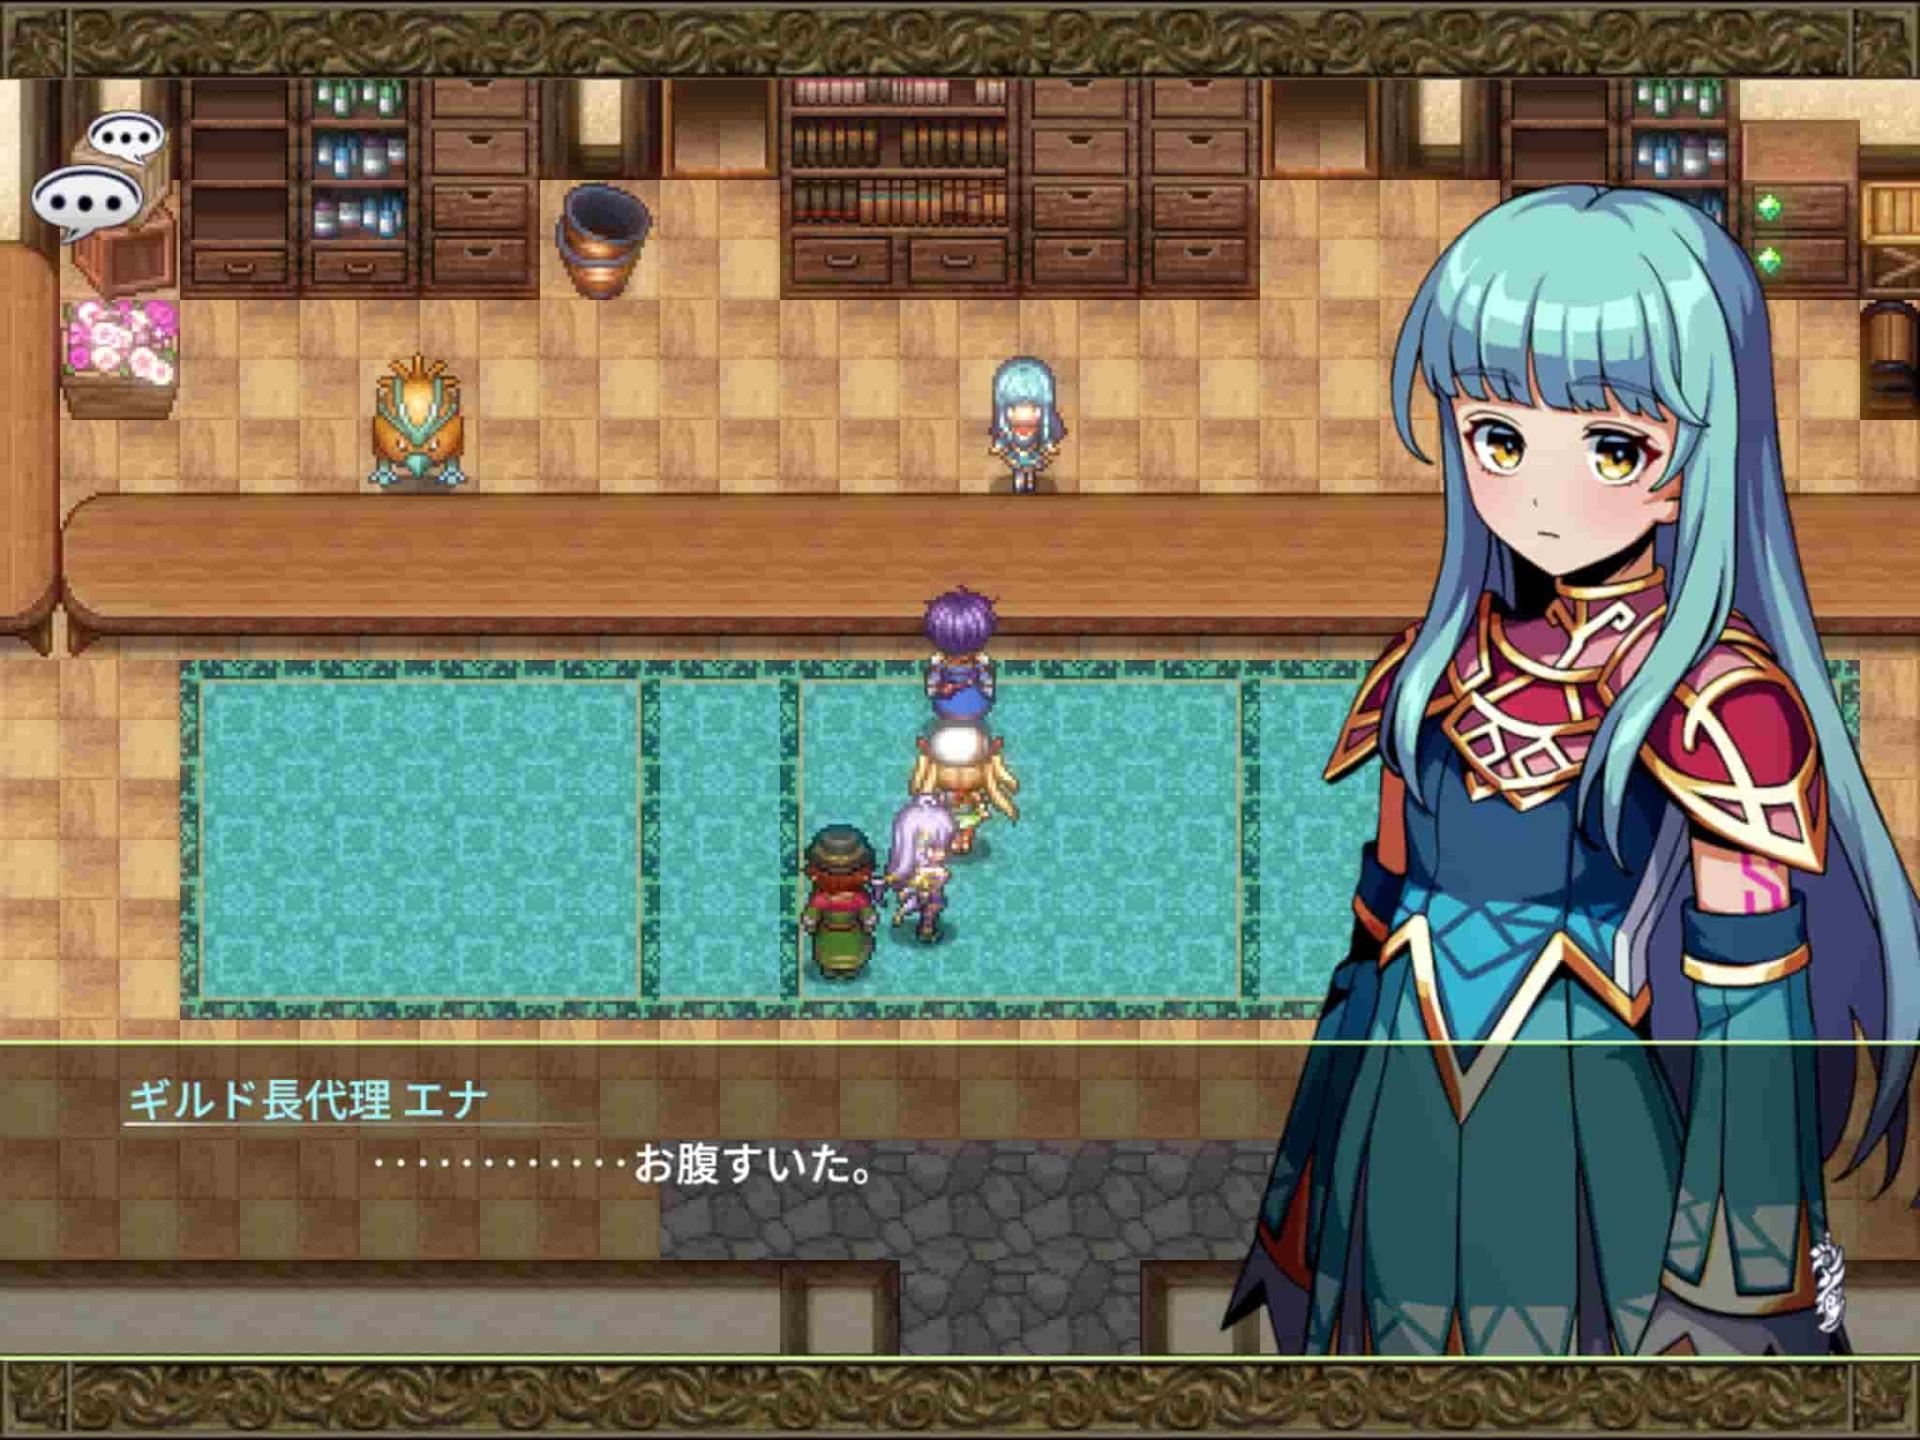 エルピシアの魔剣少女を実際に遊んだレビュー